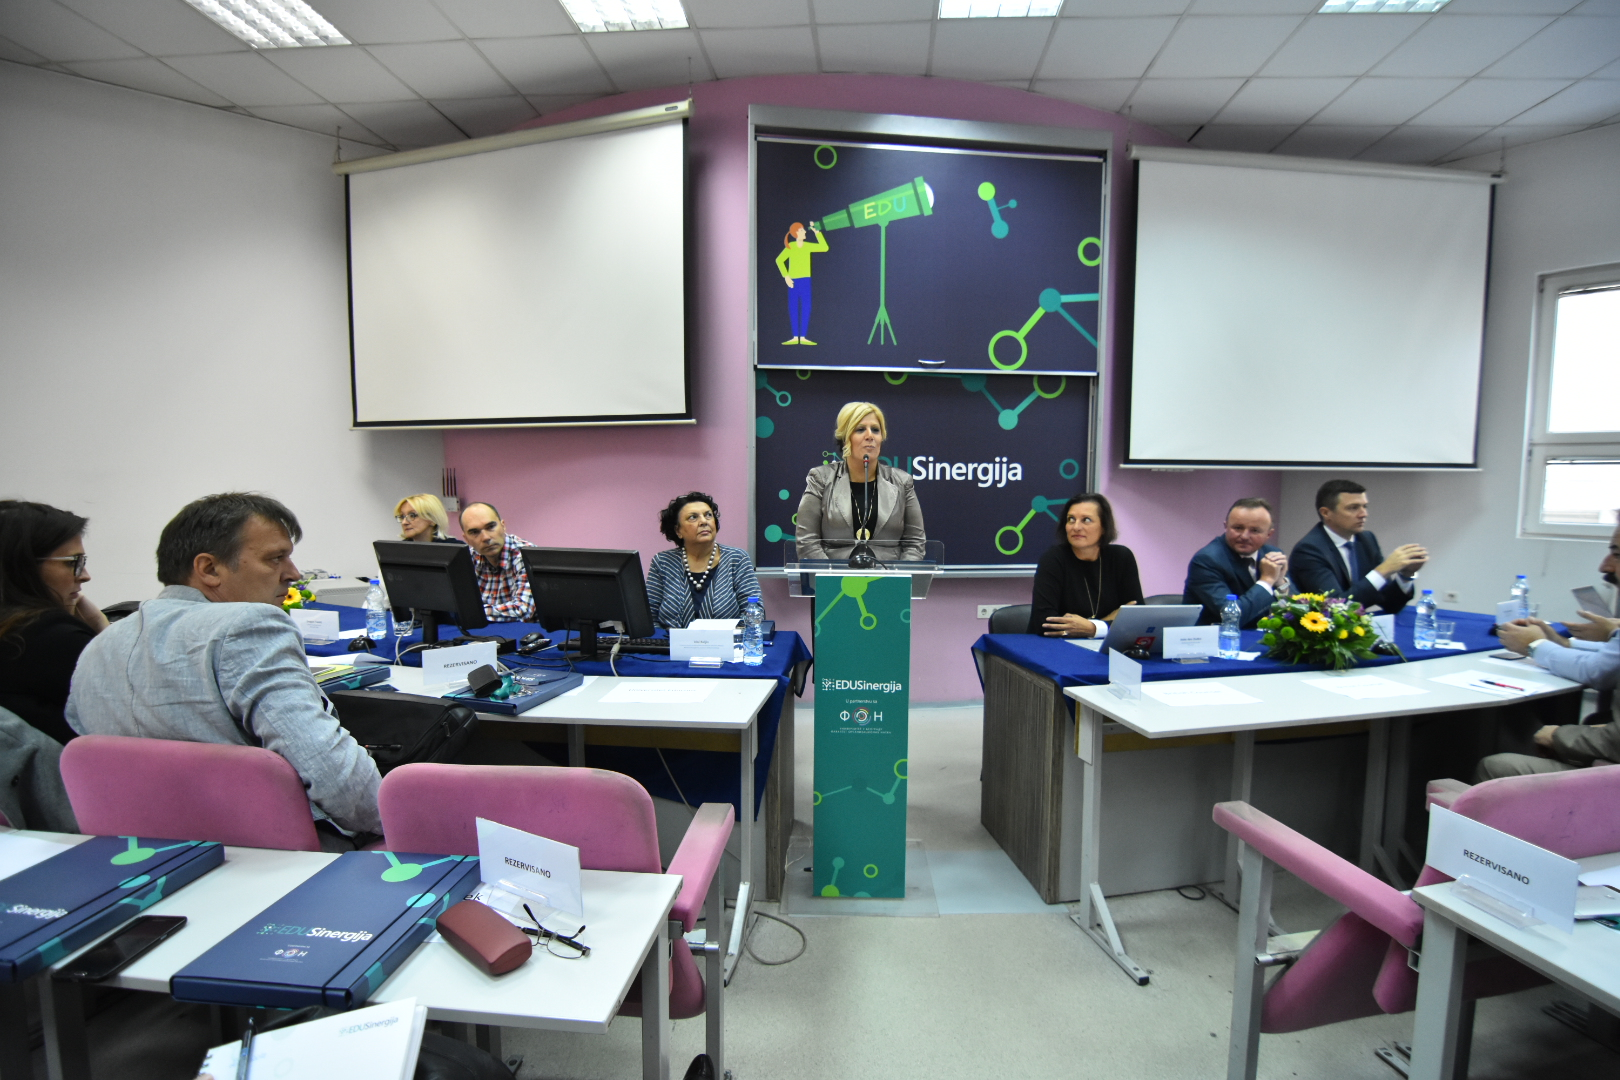 Primena nove tehnologije u obrazovanju kroz EDU Sinergiju